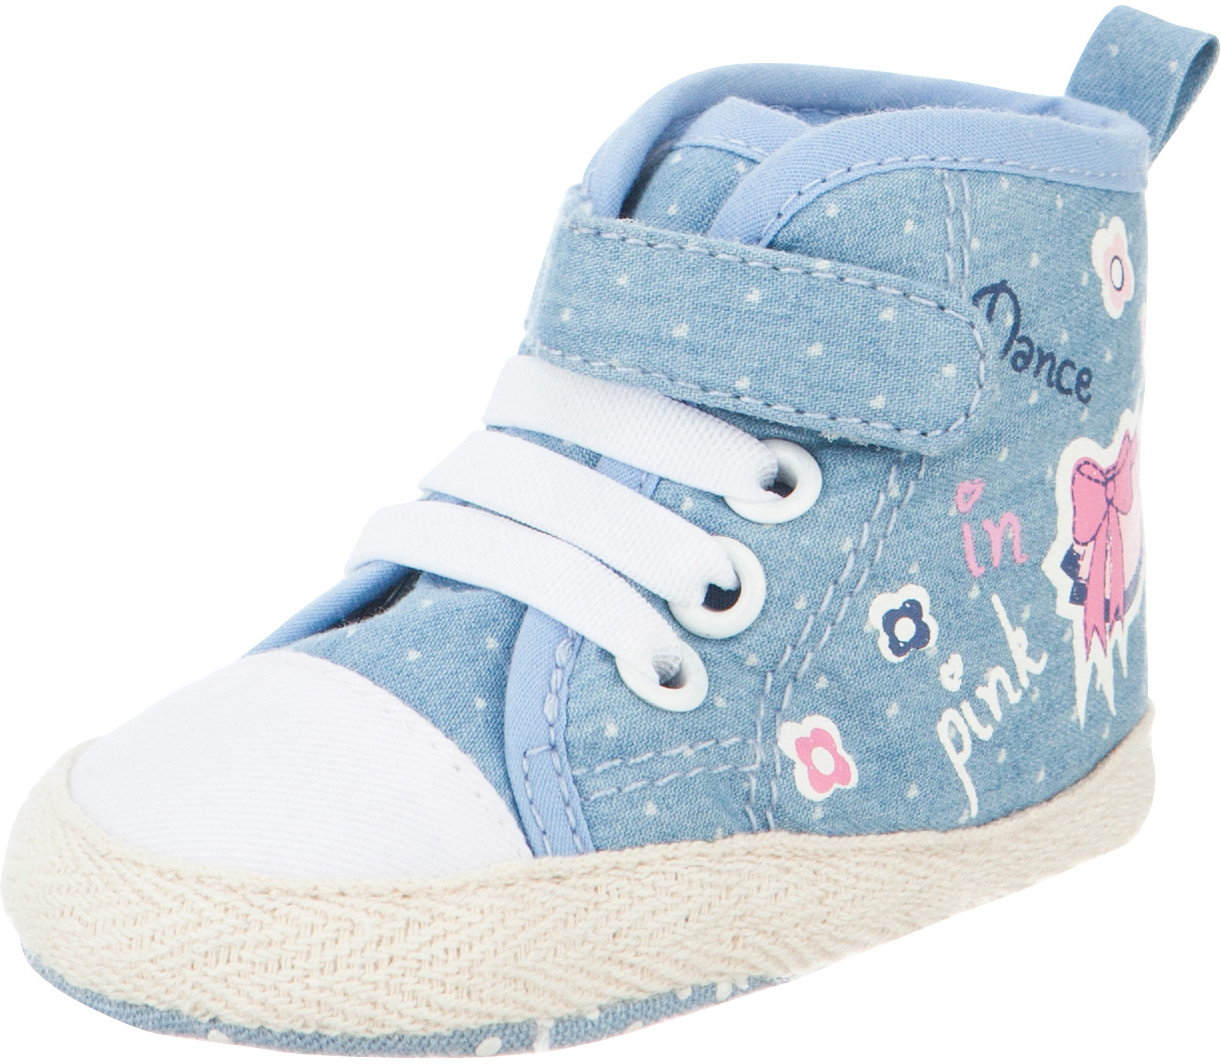 Пинетки детские Kapika, цвет: джинс. 10122. Размер 18 пинетки детские капика цвет серый 10126 размер 18